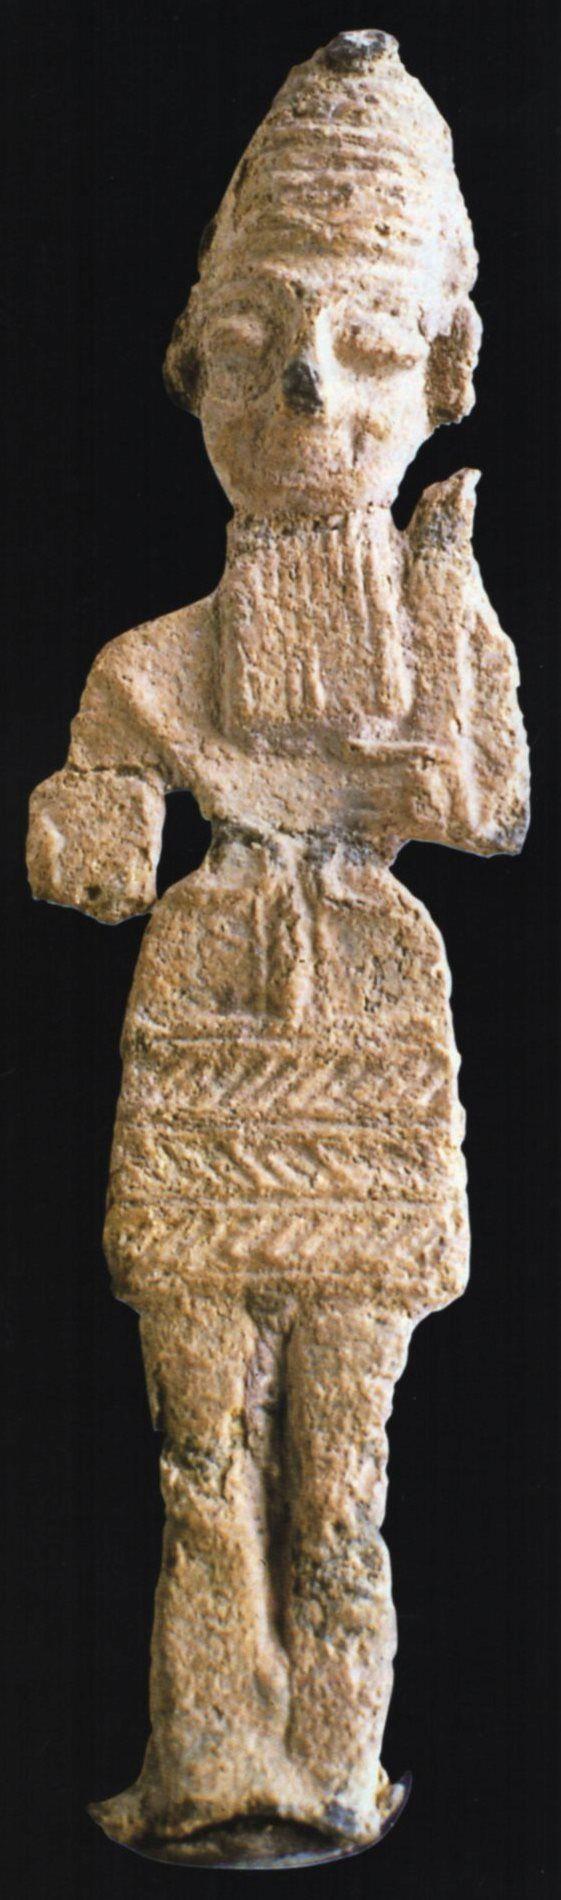 Hettite, metal figures, Kültepe Kaniş (Tahsin Özgüç) (Erdinç Bakla archive)